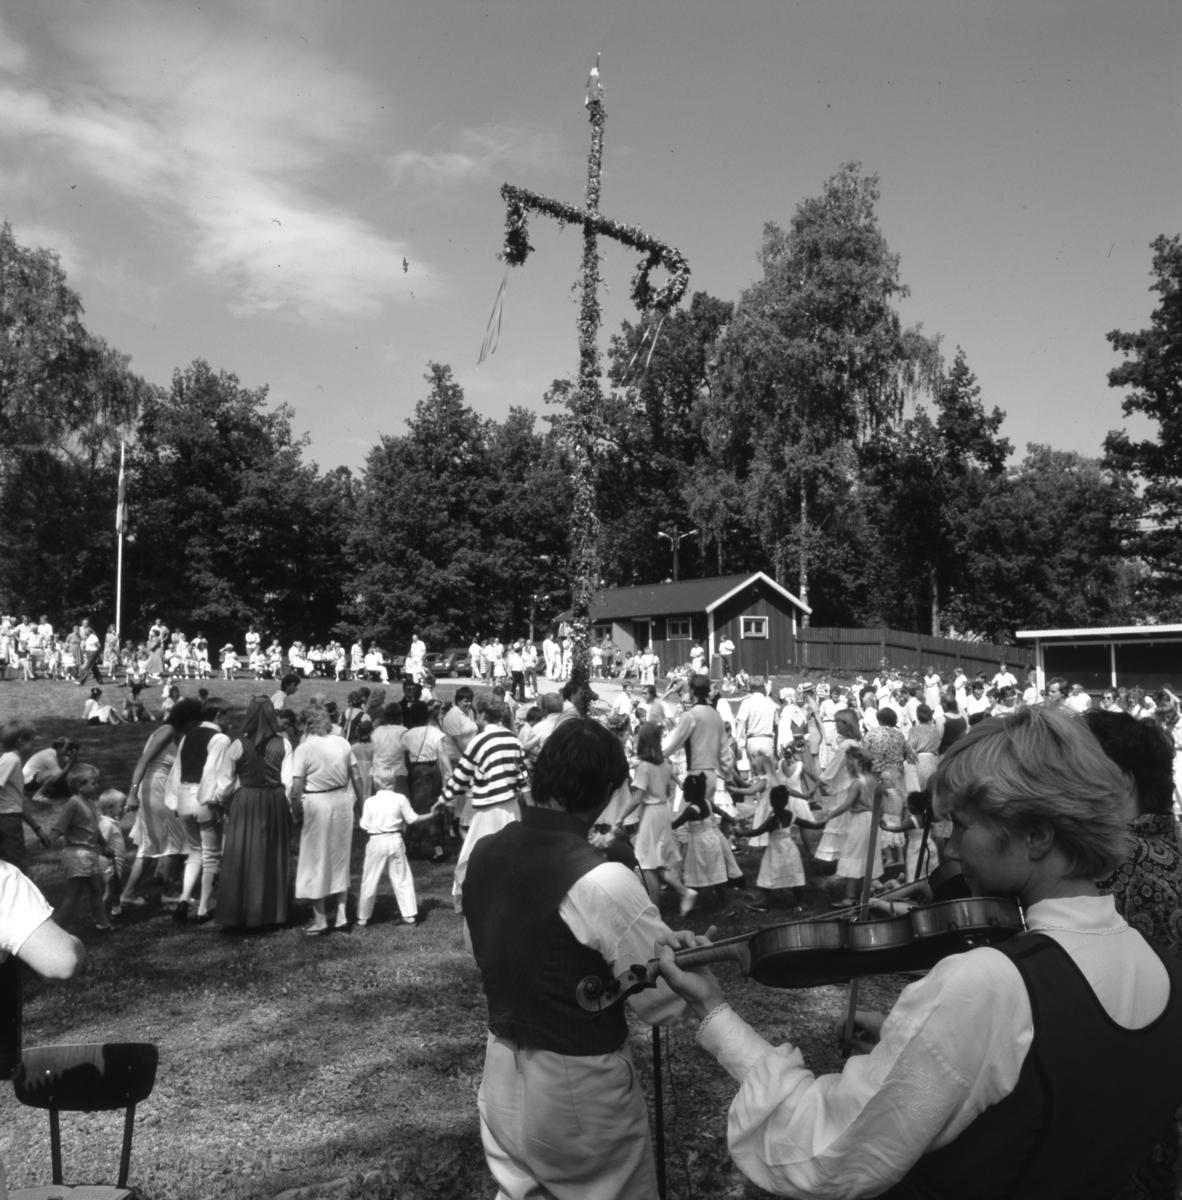 Midsommarfirande i Arboga Folkets park. Unga och gamla dansar kring midsommarstången. Spelmännen står närmast kameran. Längre bort finns kiosken där man kan köpa glass. Människor sitter i gräset eller i medhavda campingstolar. Flaggan är hissad och solen skiner.